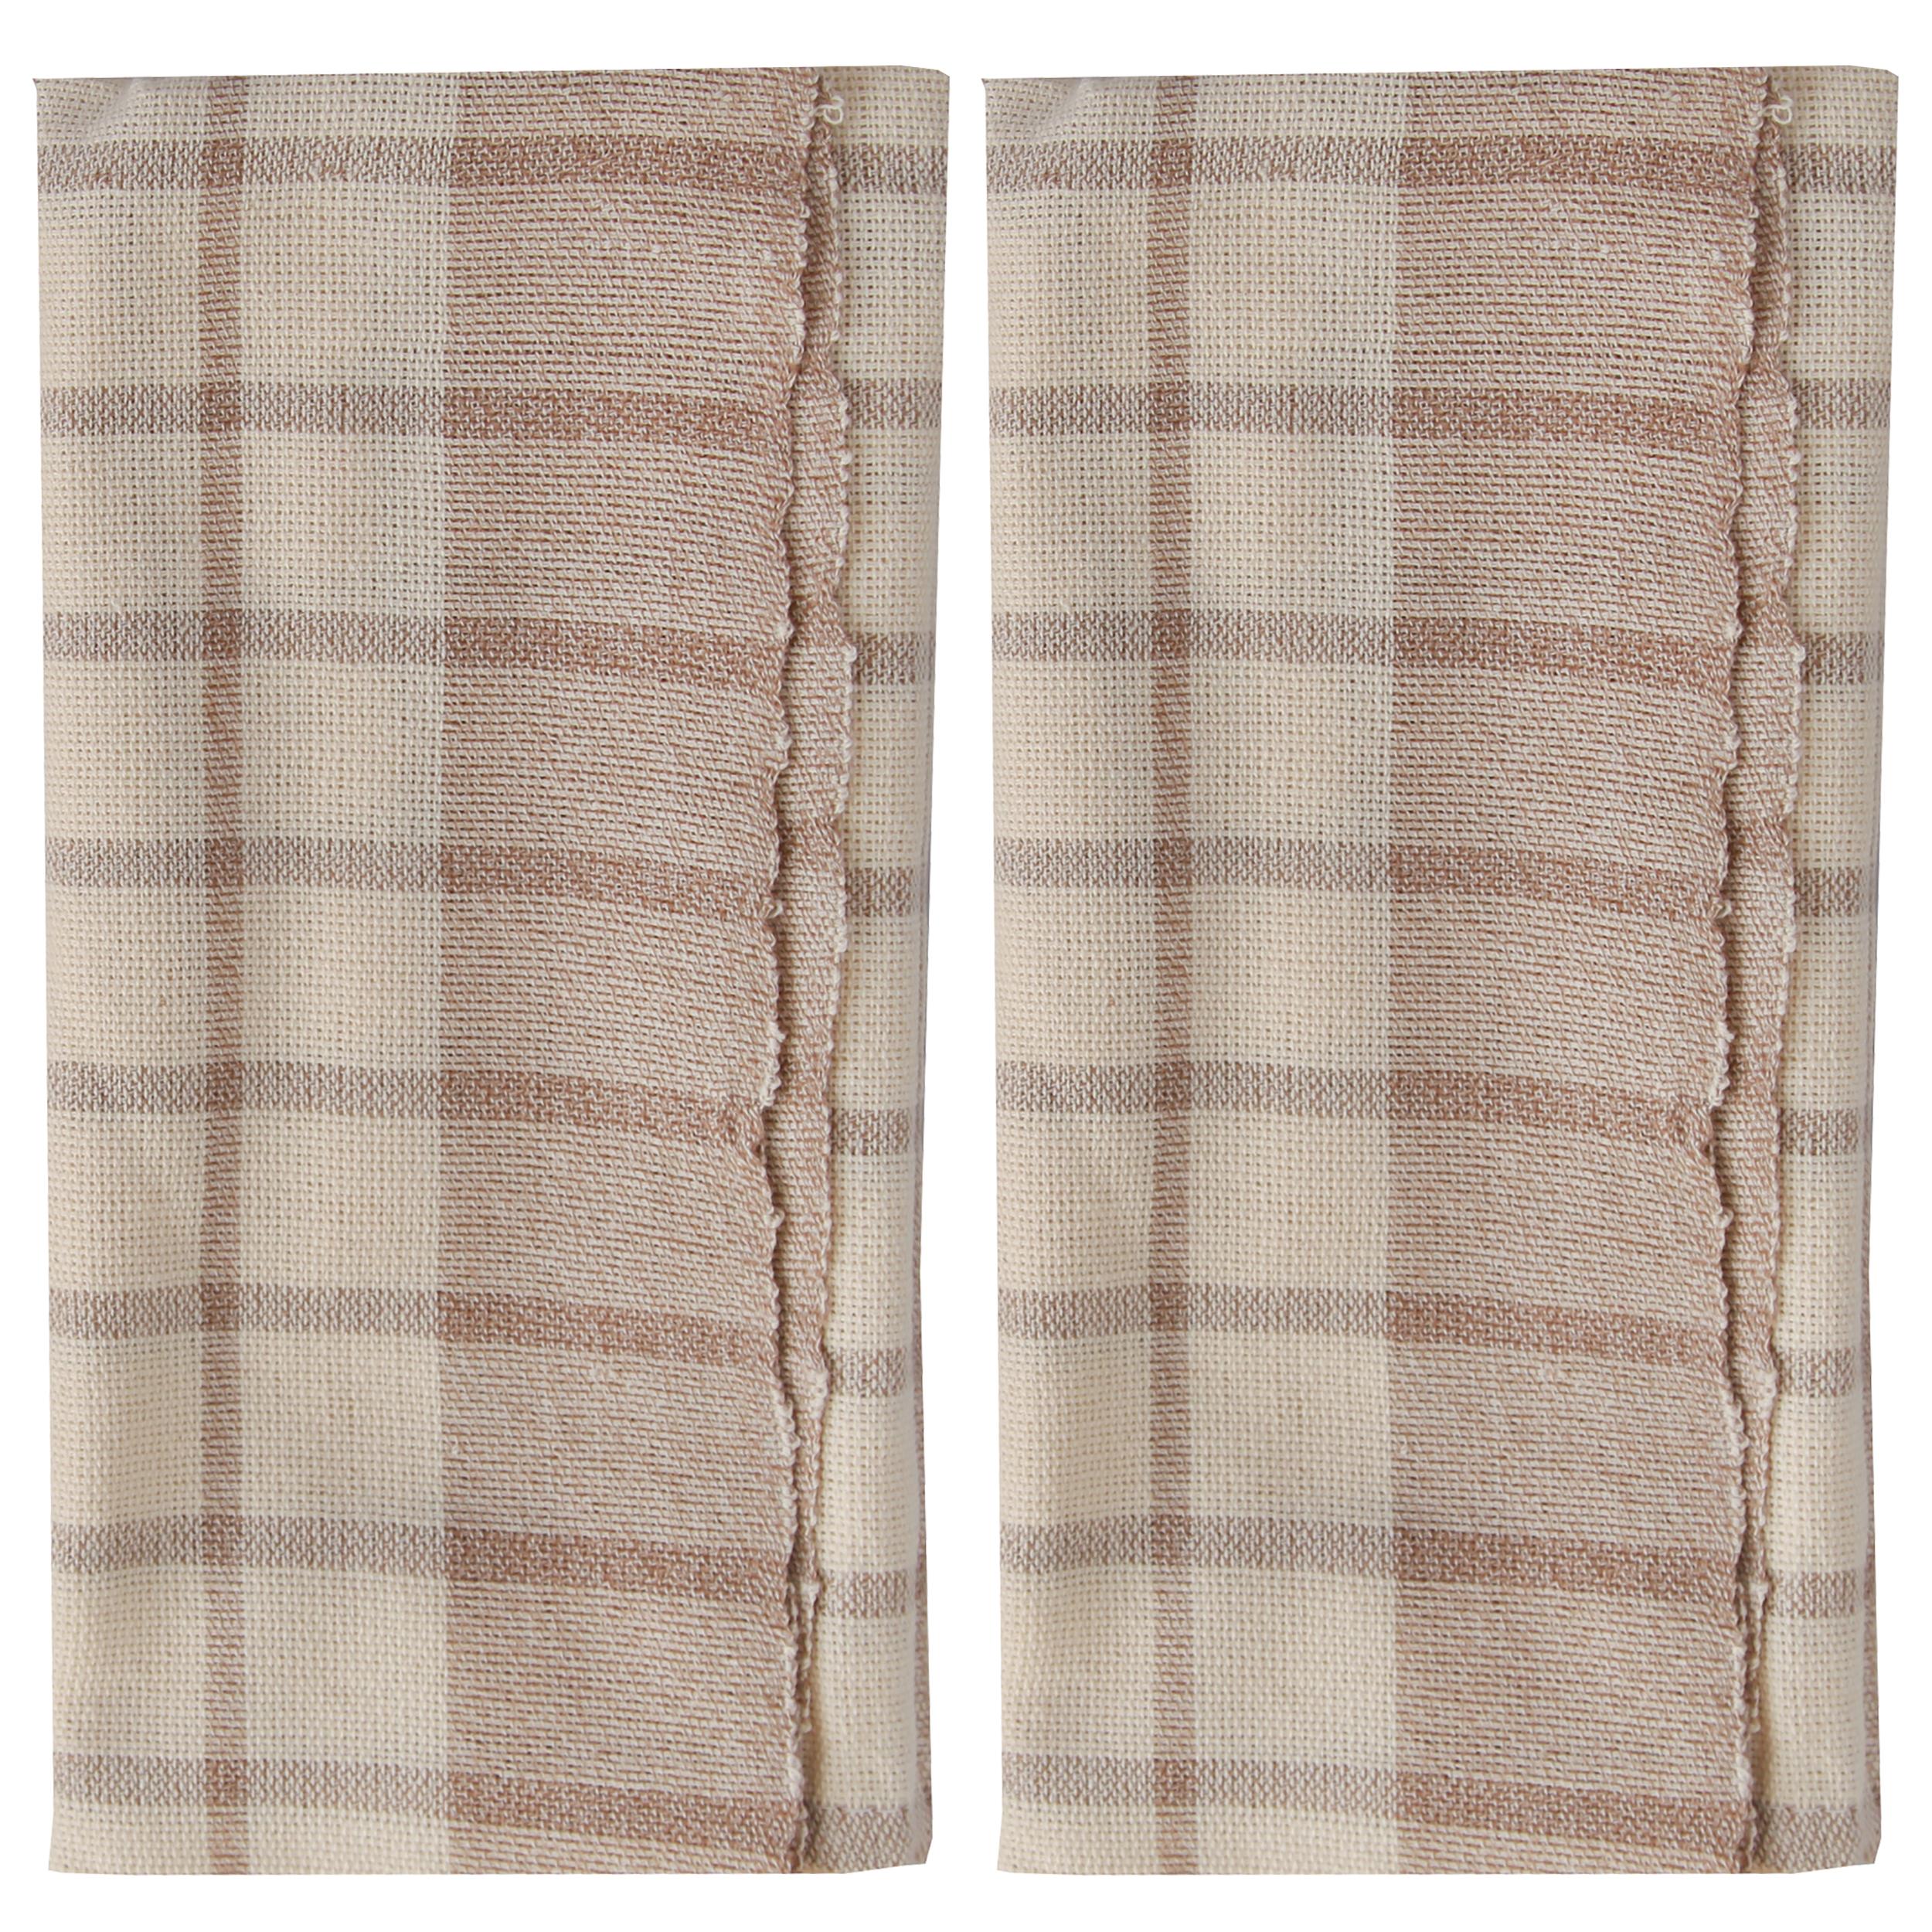 دستمال دستبافت چهل دختر کد 82024 سایز 41 × 64 سانتی متر بسته دو عددی